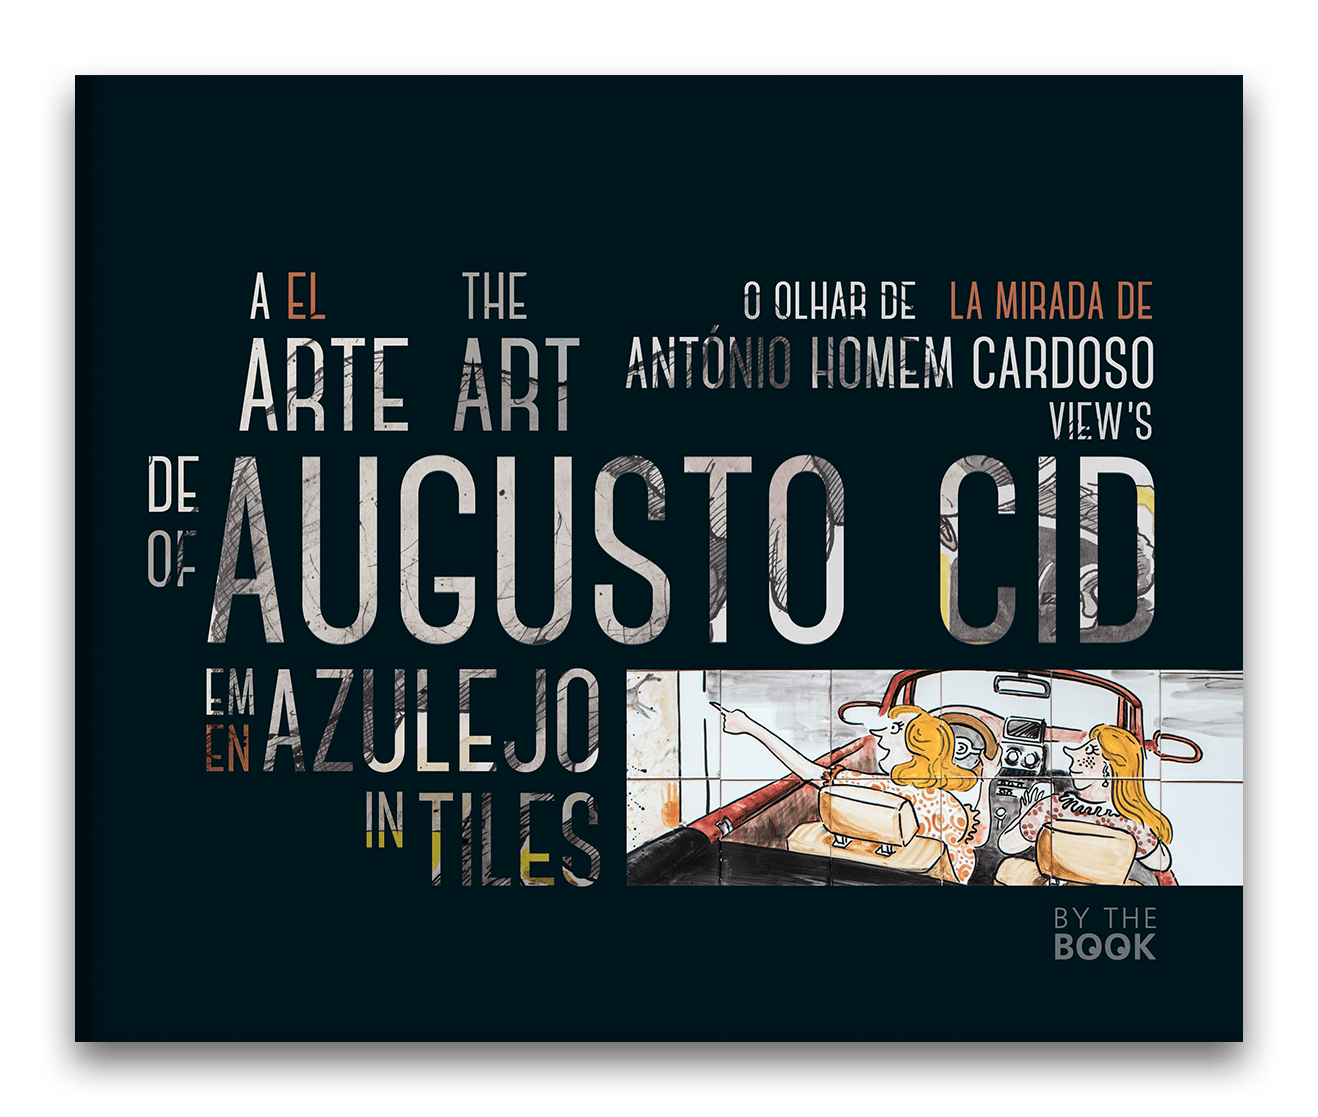 A Arte de Augusto Cid em azulejo